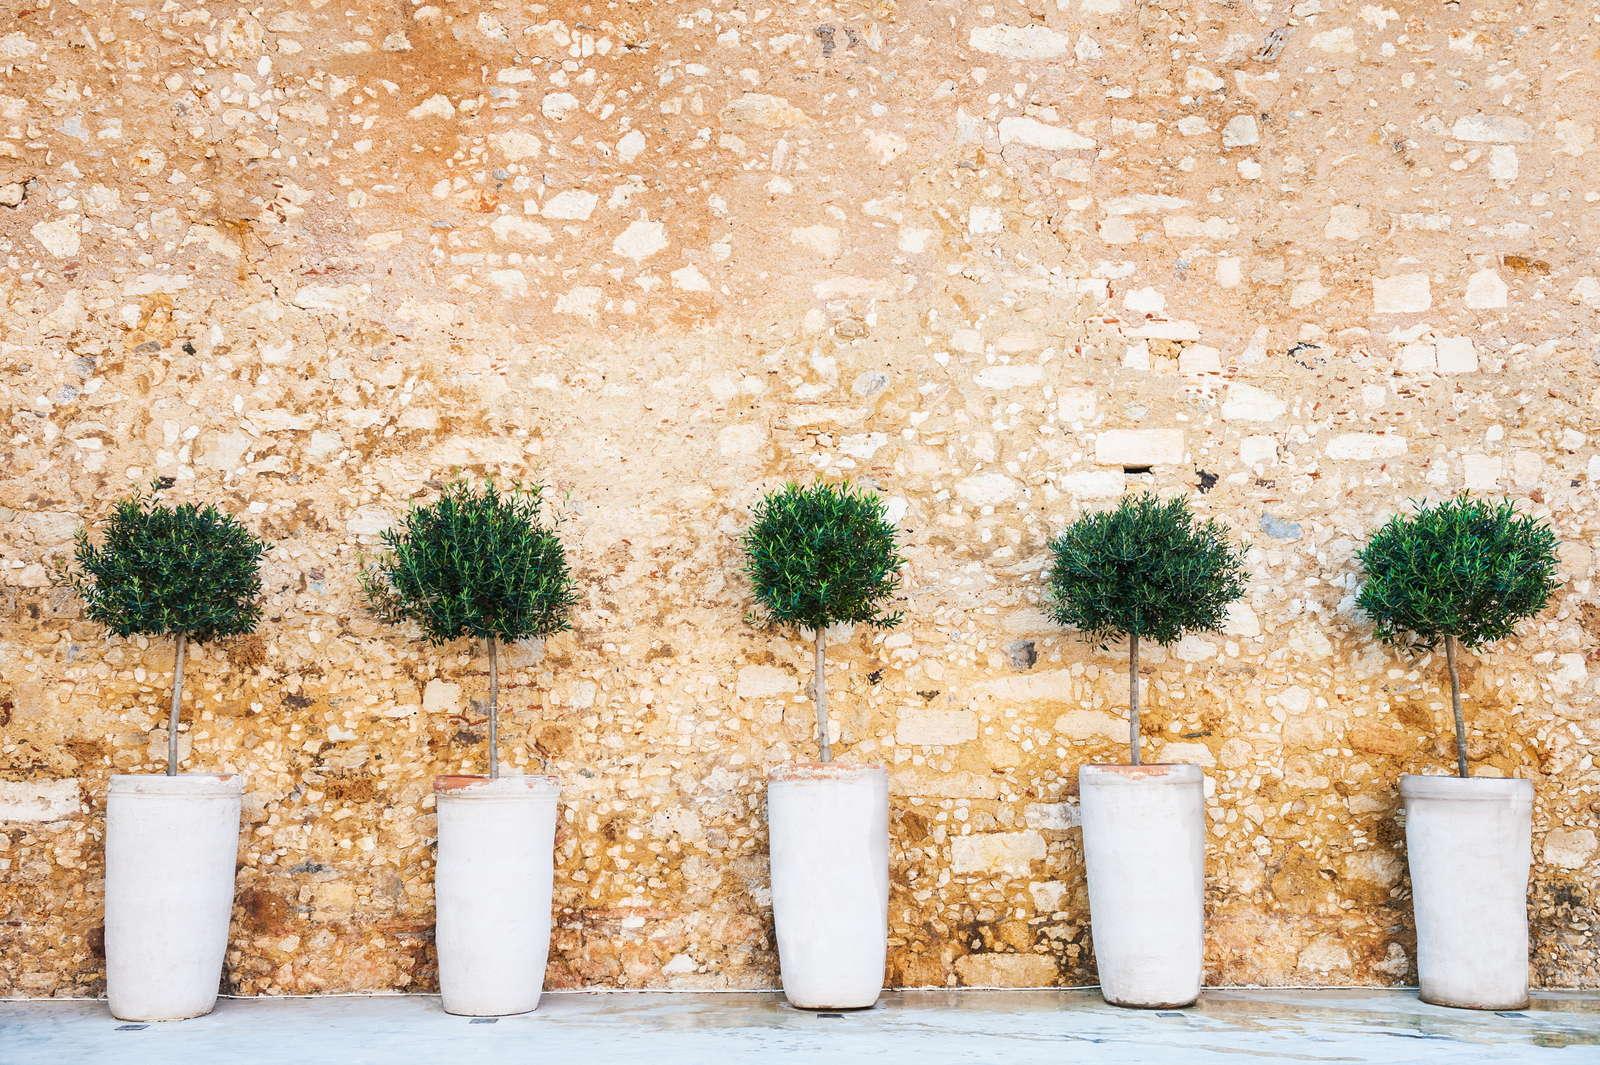 Berühmt Olivenbaum im Topf: 6 Tipps und Tricks vom Experten - Plantura #WV_85